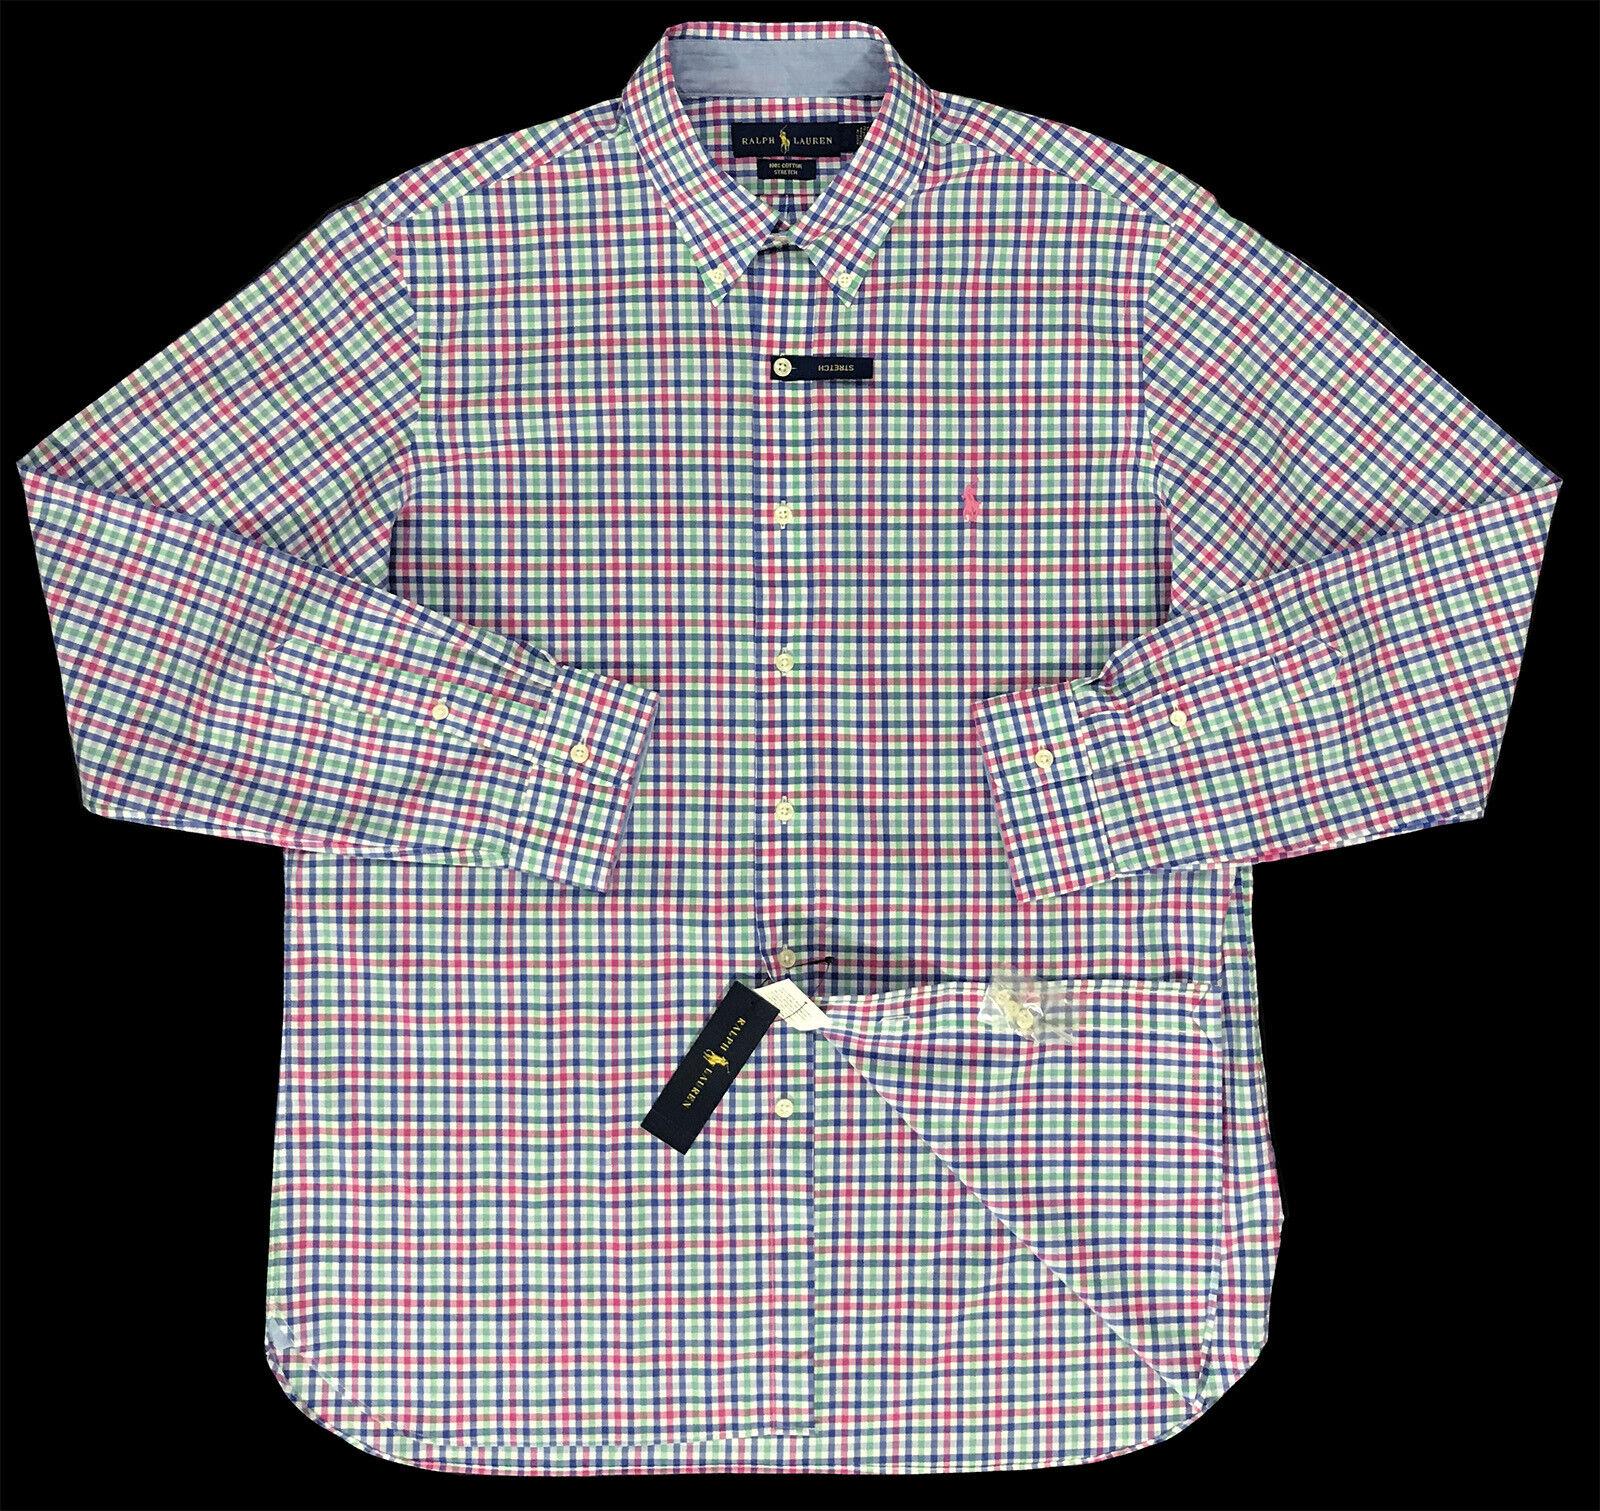 NEW Polo Ralph Lauren Men/'s Cotton Strech LS Button Front Shirt Pastel Sizes S L